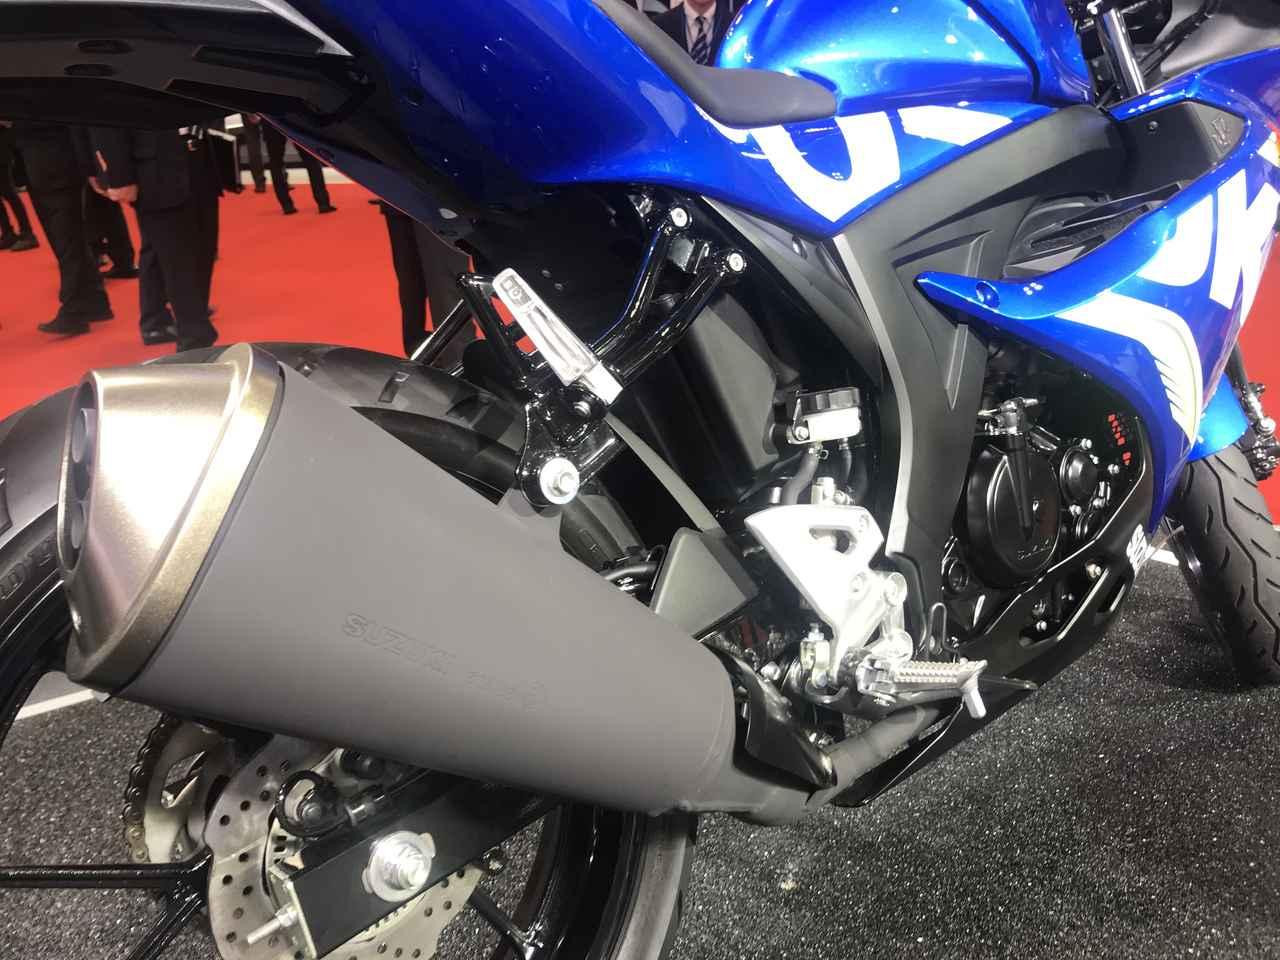 画像: 水冷DOHC・4バルブ125ccエンジンは高いパフォーマンスを誇る